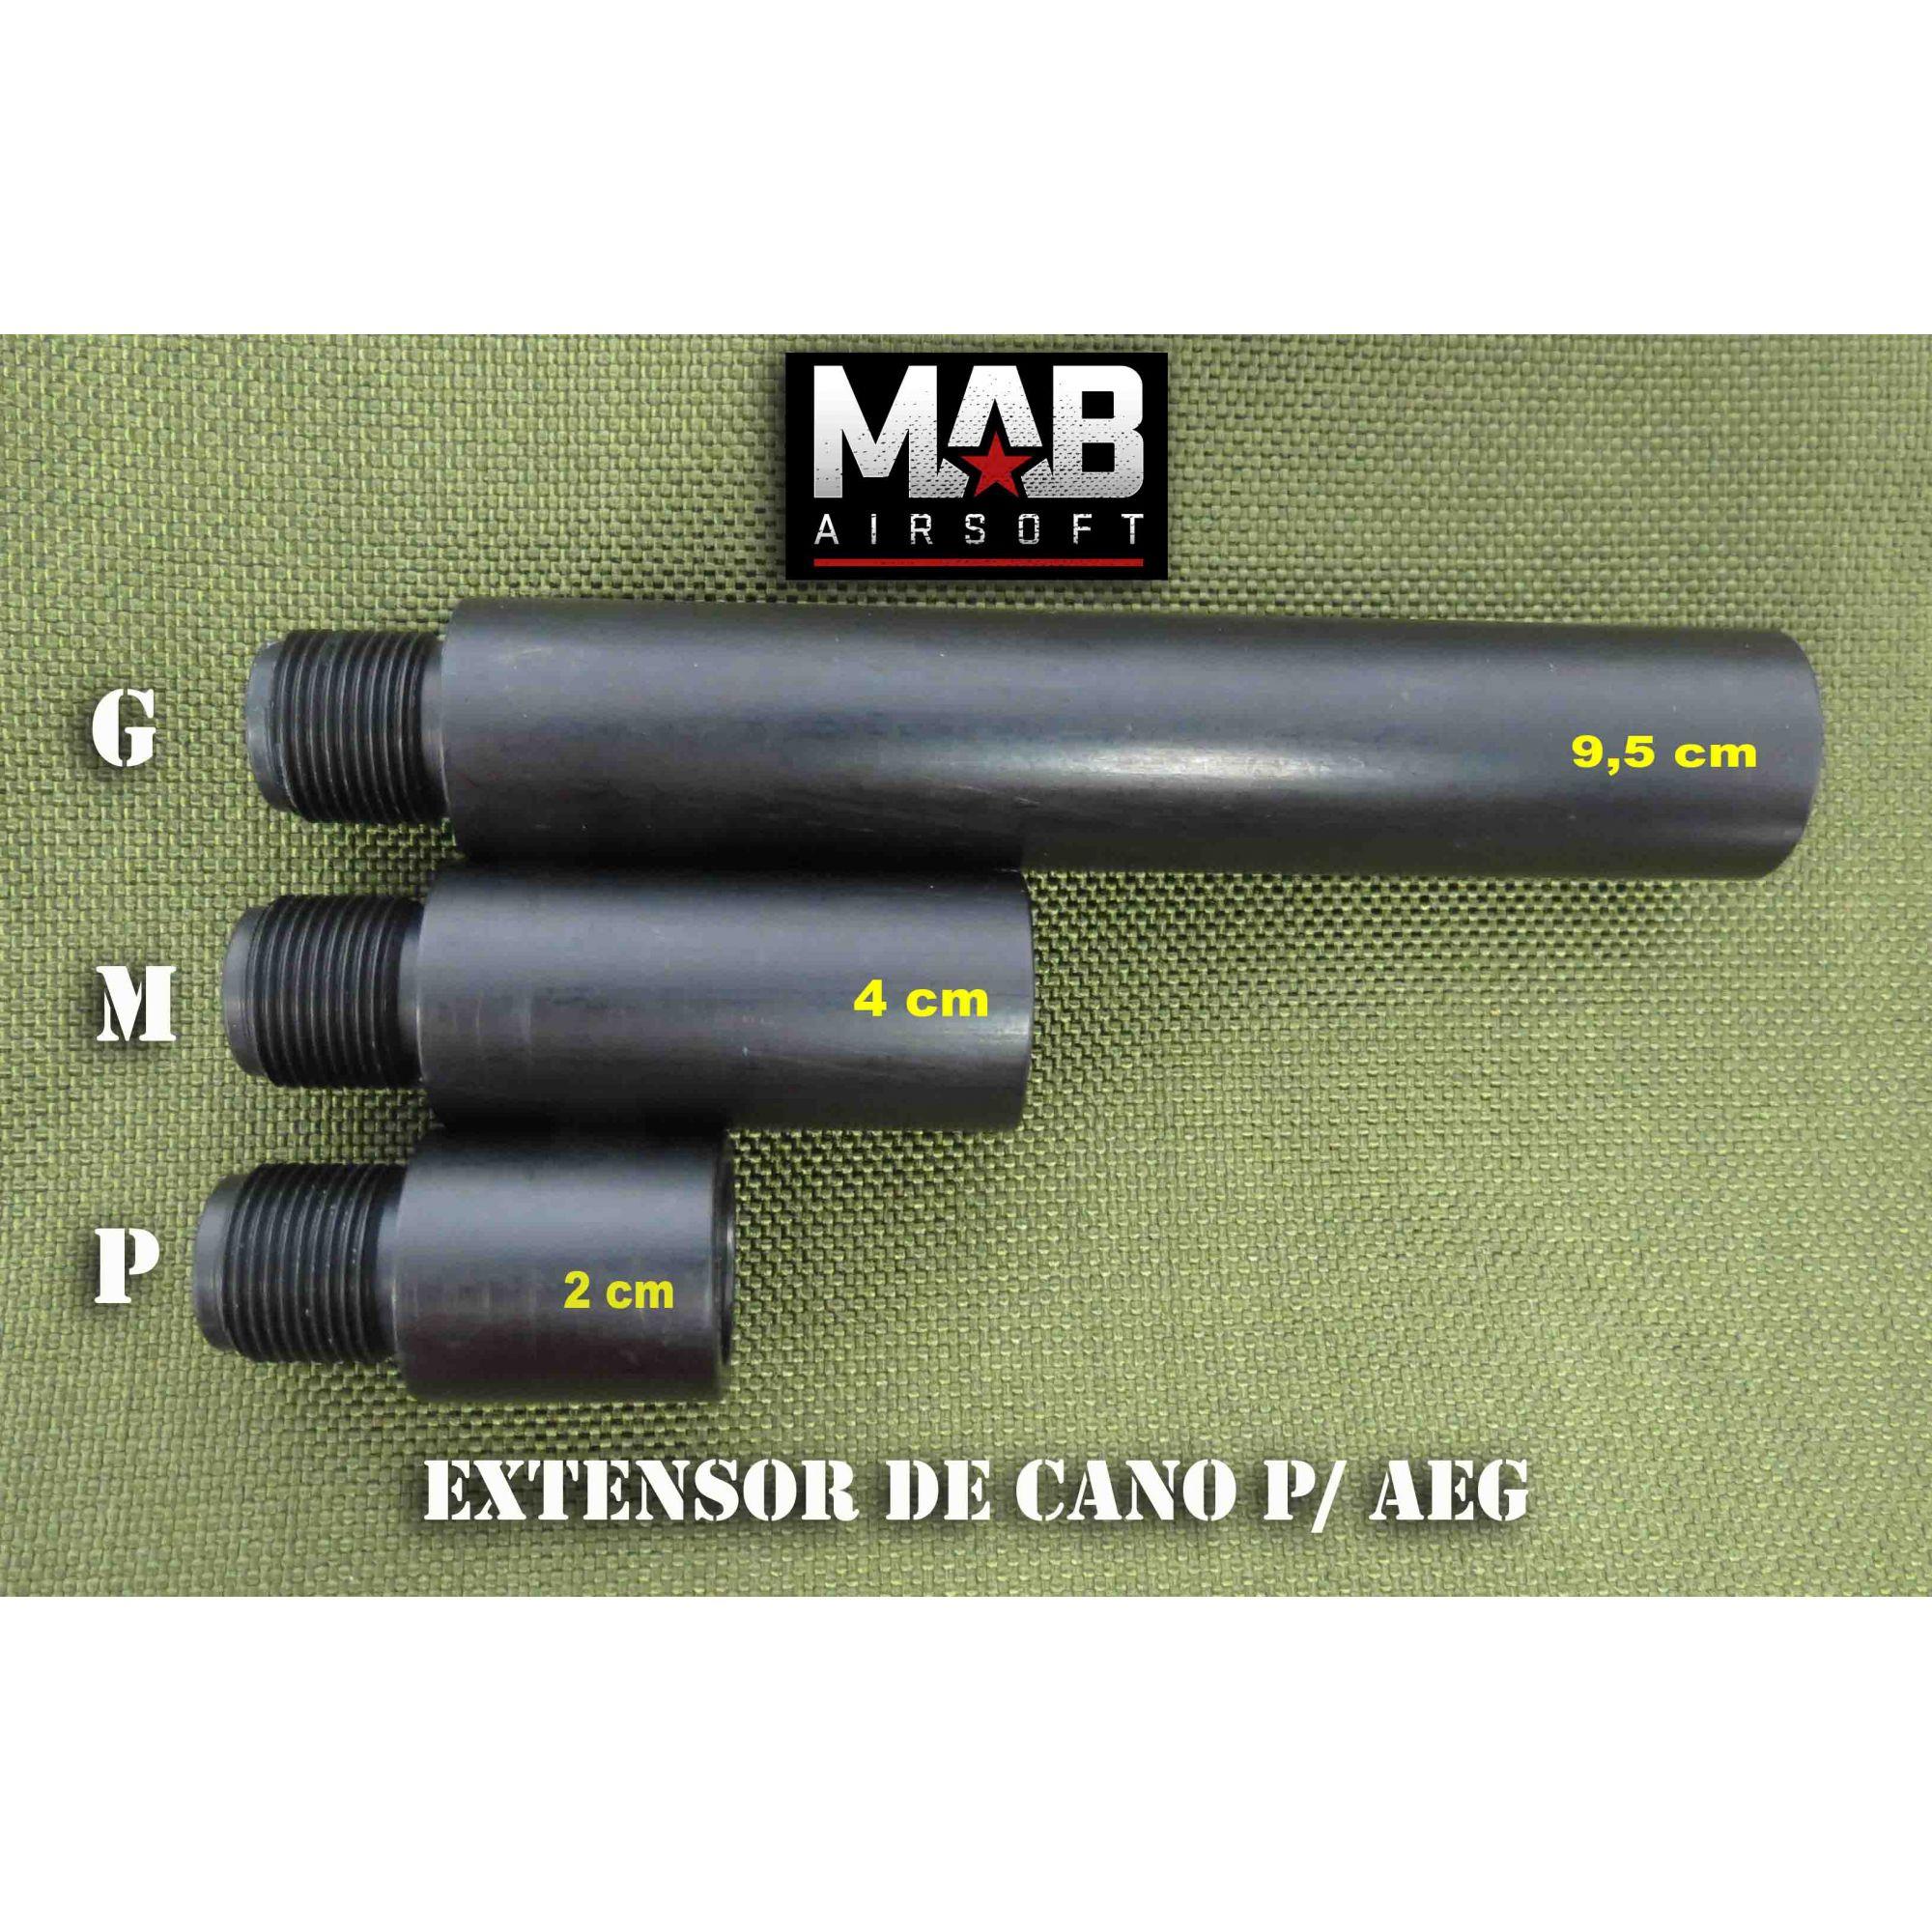 Extensor de Cano p/ AEG - Tamanho (M) - rosca Esquerda/ Esquerda  - MAB AIRSOFT